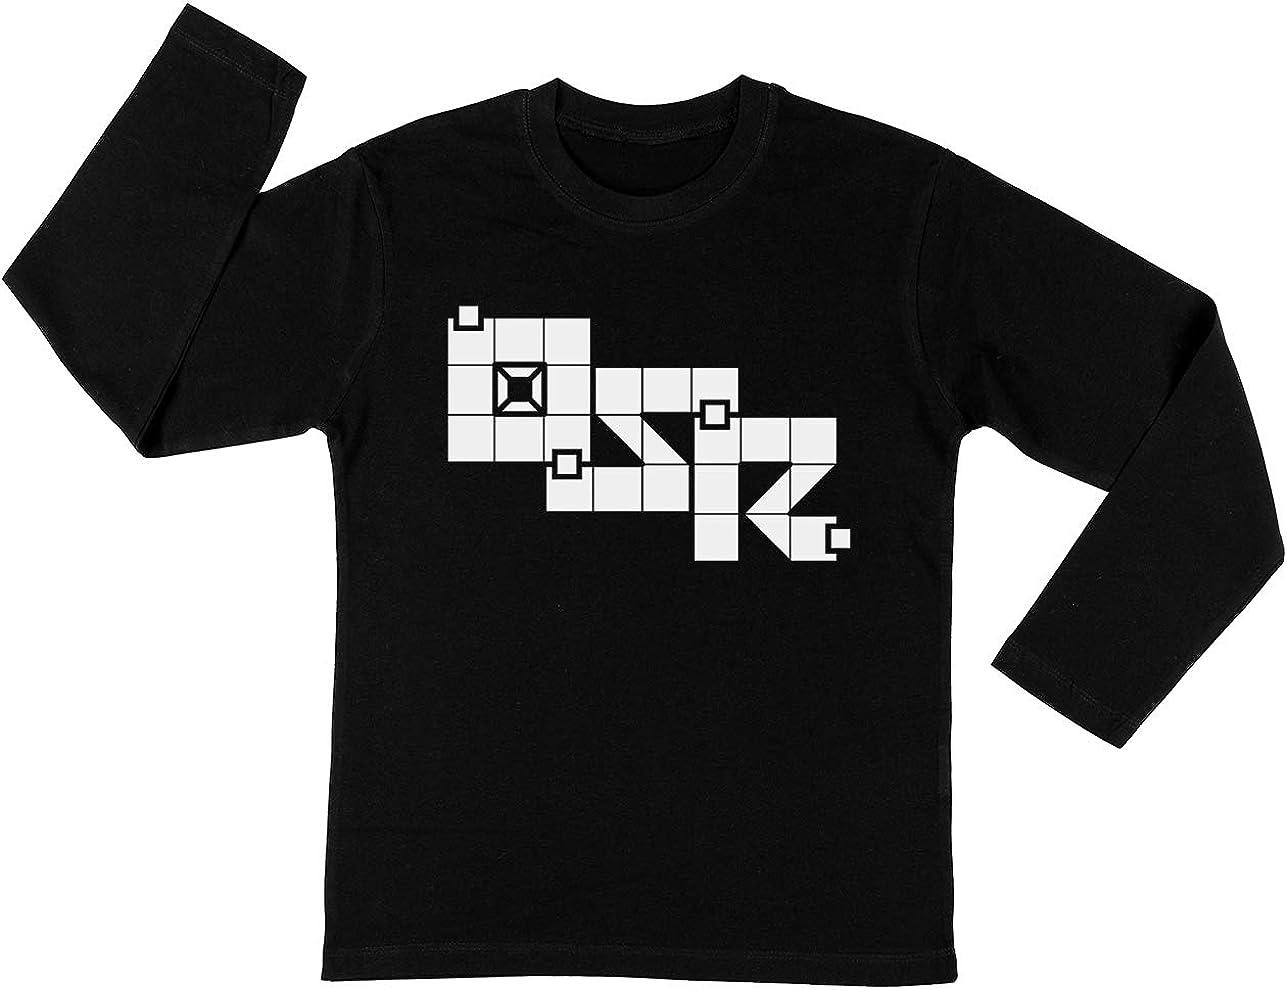 Antiguo Colegio Juego De rol Unisexo Niño Niña Camiseta Manga Larga Negro Todos Los Tamaños - Unisex Kids Boys Girls Long Sleeve T-Shirt Black: Amazon.es: Ropa y accesorios